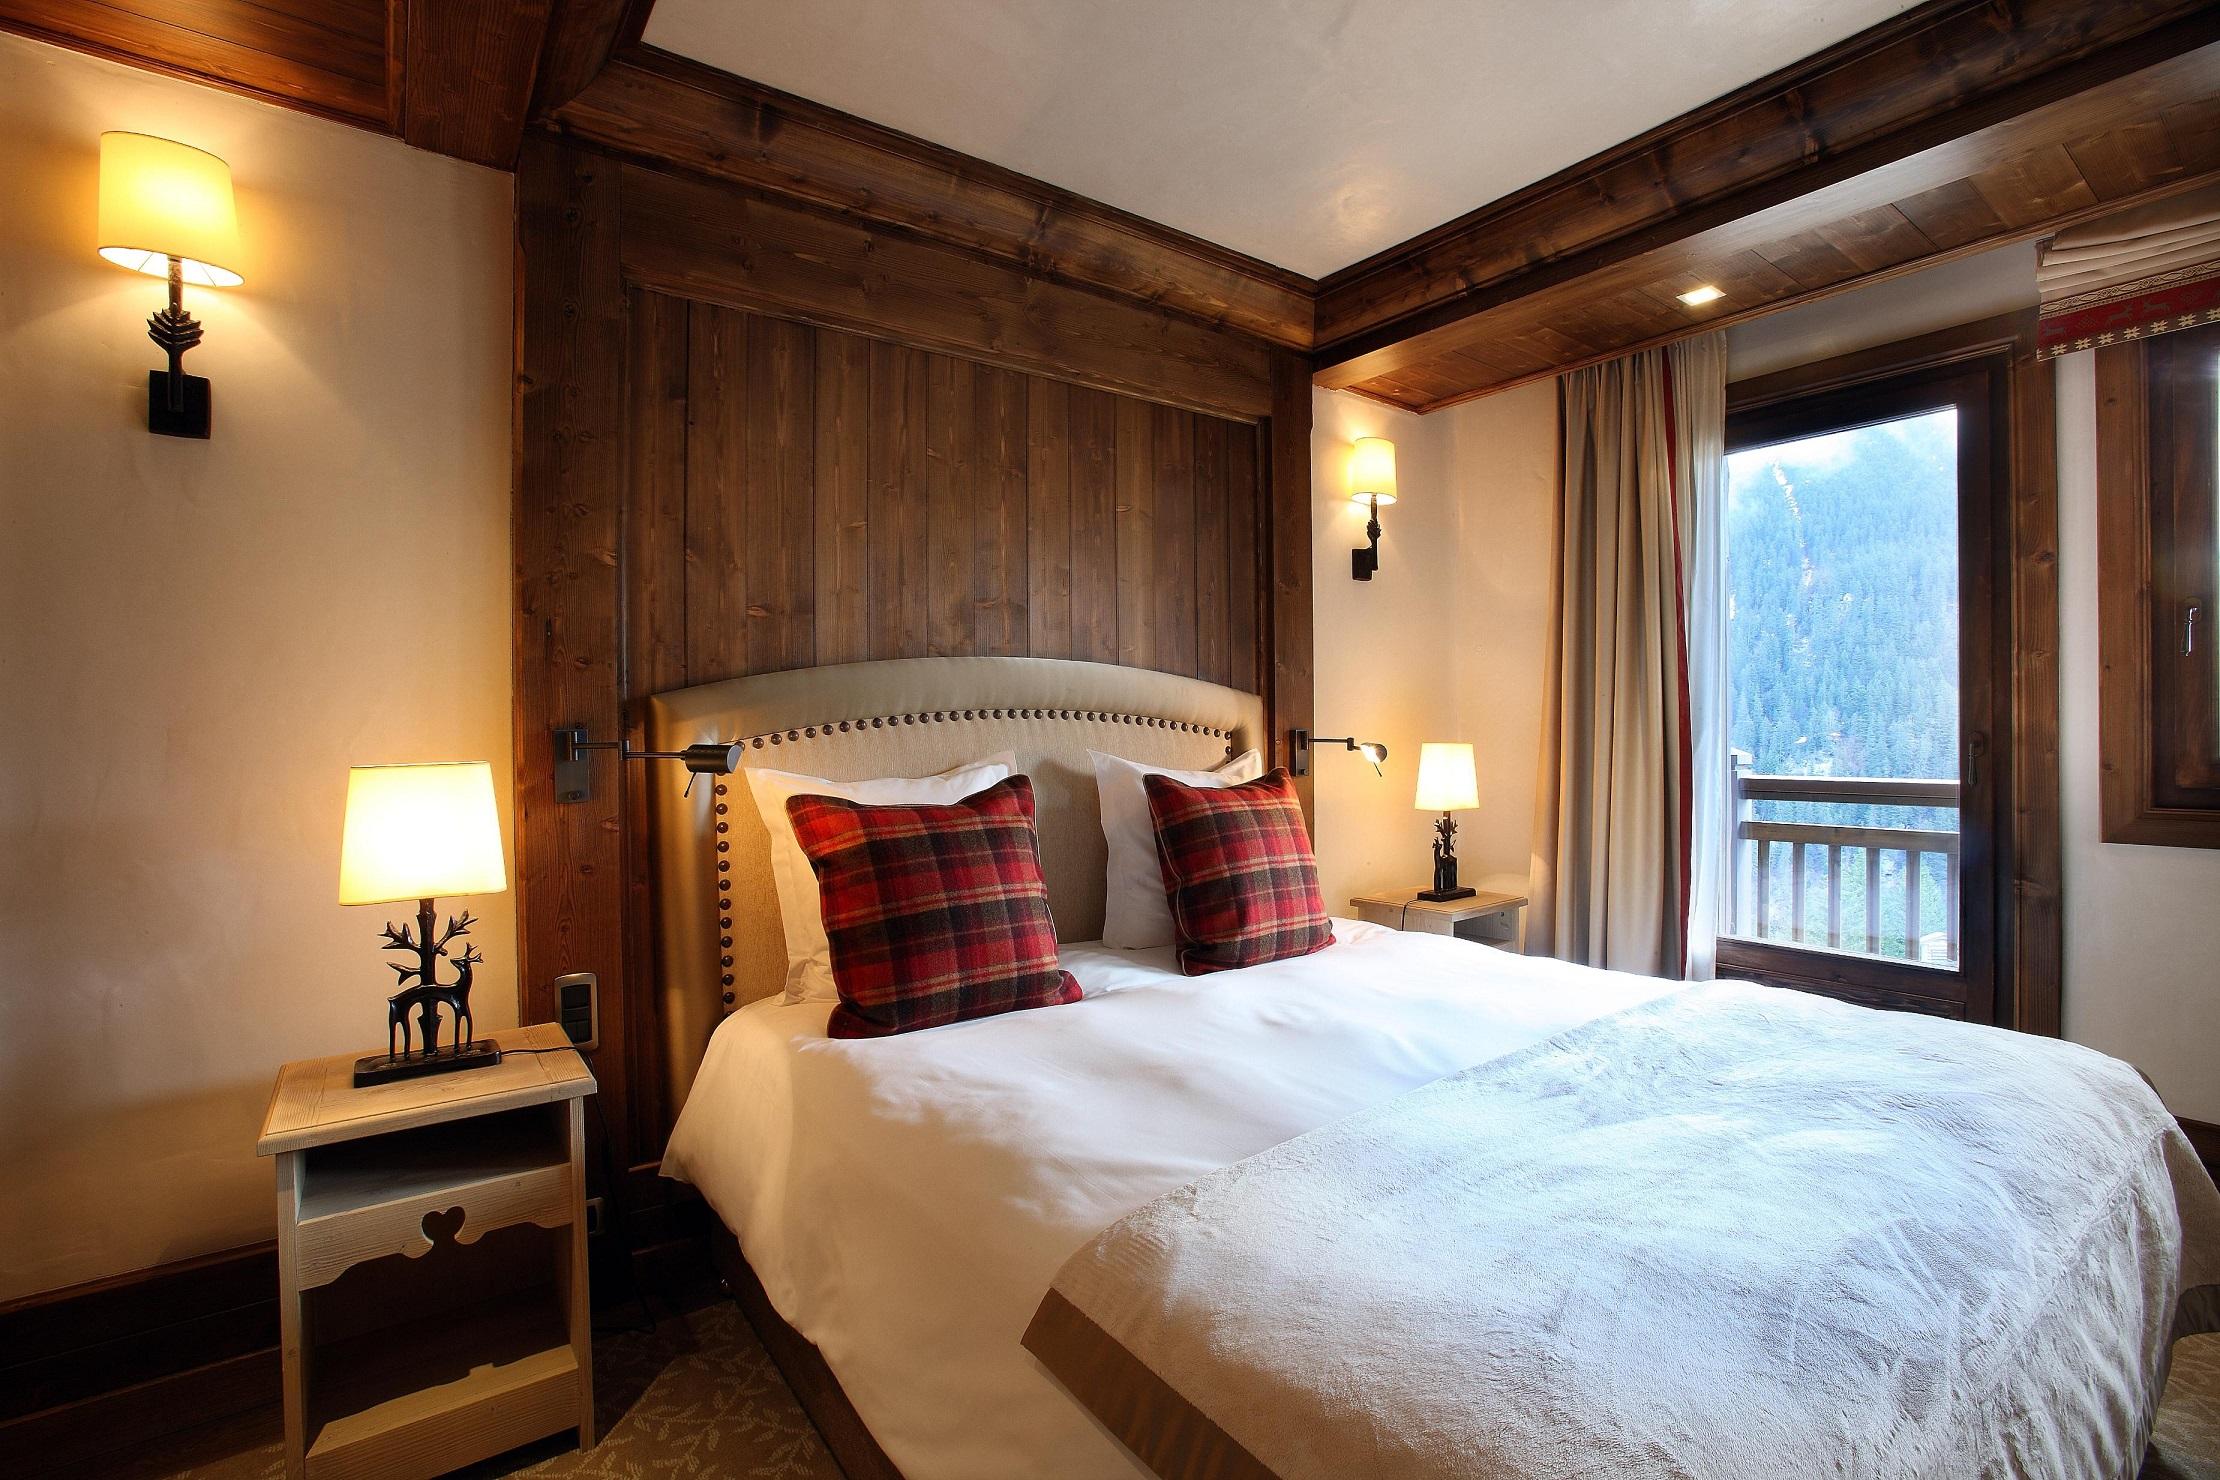 Loft_1_bedroom.jpg